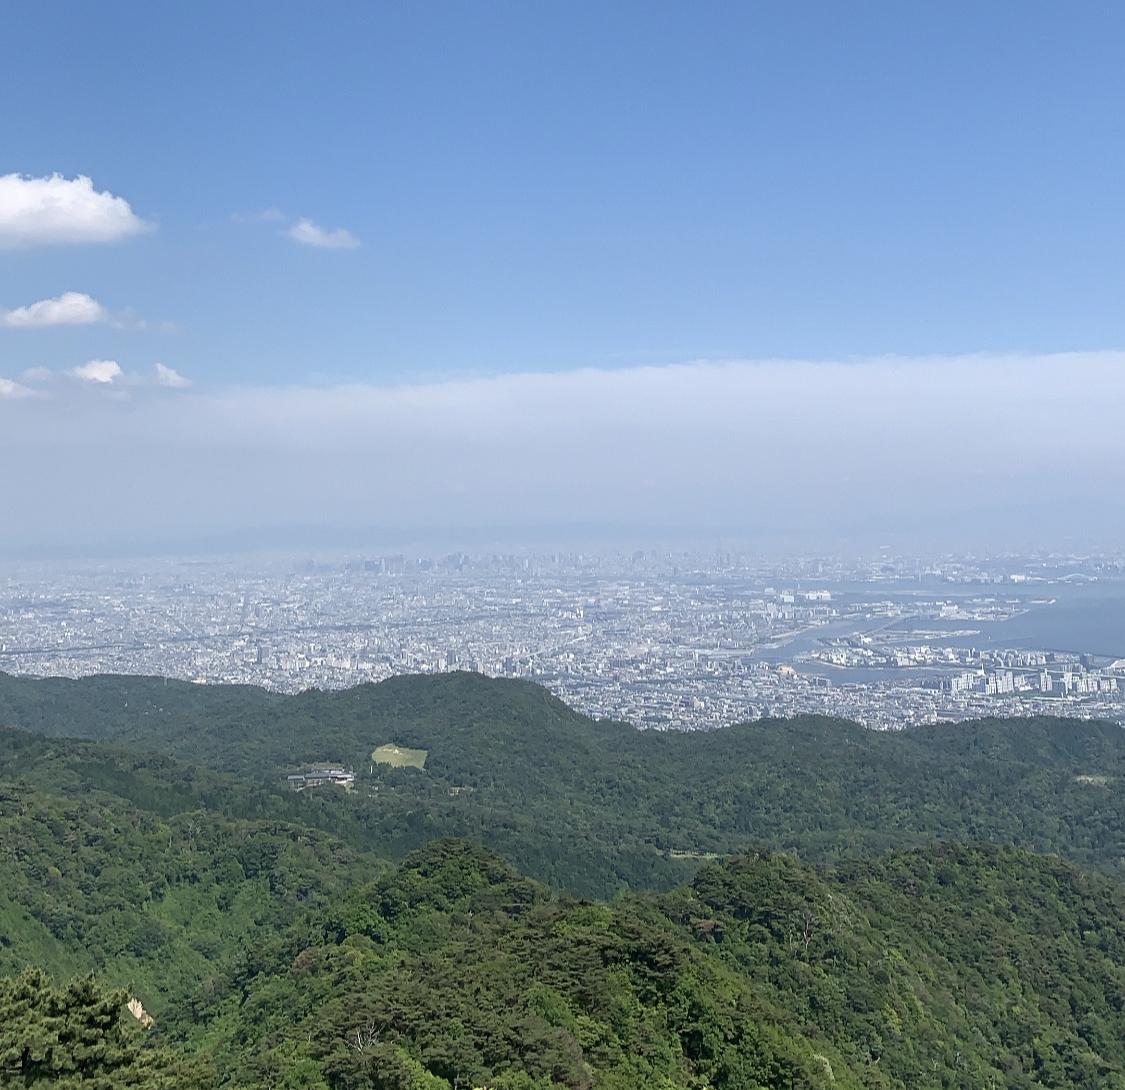 【HYOGO】六甲山の自然いっぱいな癒し空間♡キャラコラボ中☺︎_2